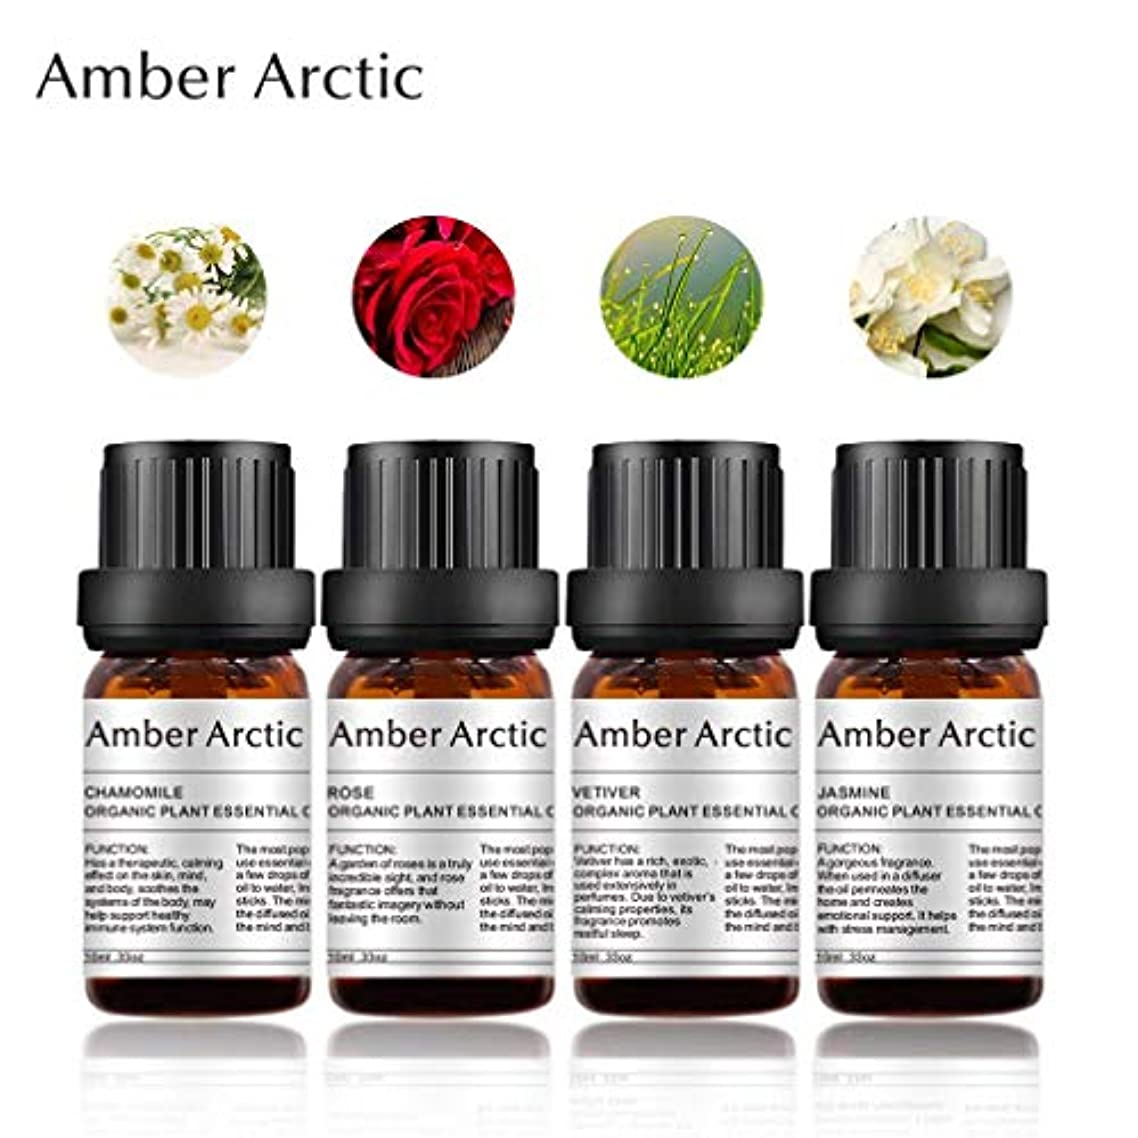 トレイ甘美な遺伝子Amber Arctic 4 パック 精油 セット、 100% 純粋 天然 アロマ 最良 治療 グレード エッセンシャル オイル (ジャスミン、 ベチバー、 ローズ、 カモミール)